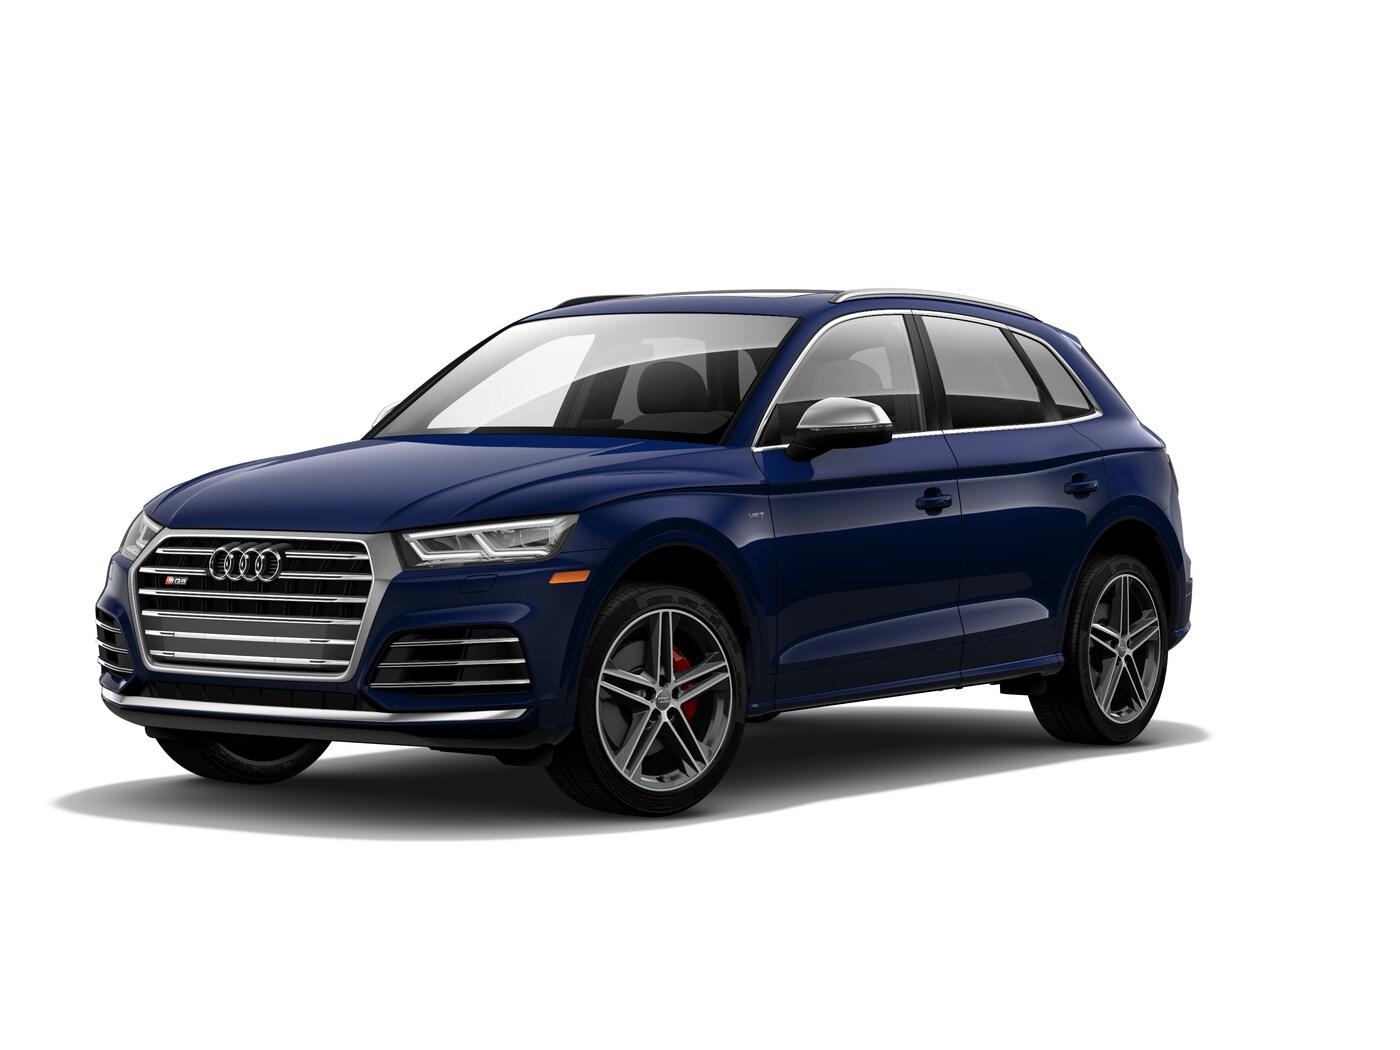 2018 Audi Q5 3.0T Premium Plus SUV